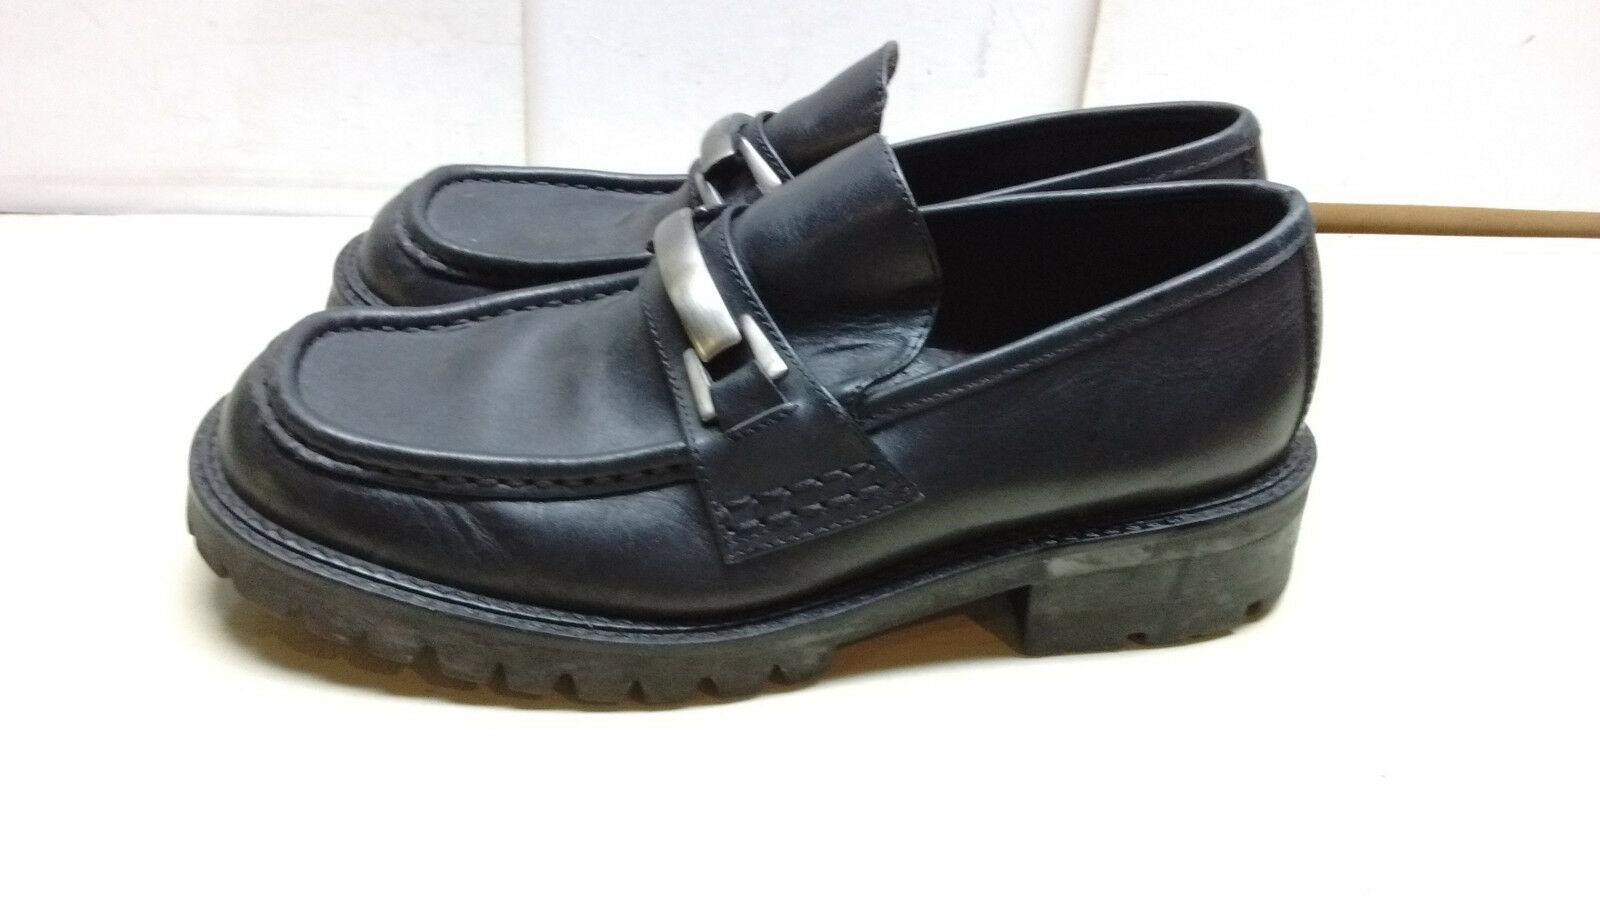 Kenneth Cole Reaction Black Leather Bar Loafer Apron Toe Dress Men Shoe 11M 44,5